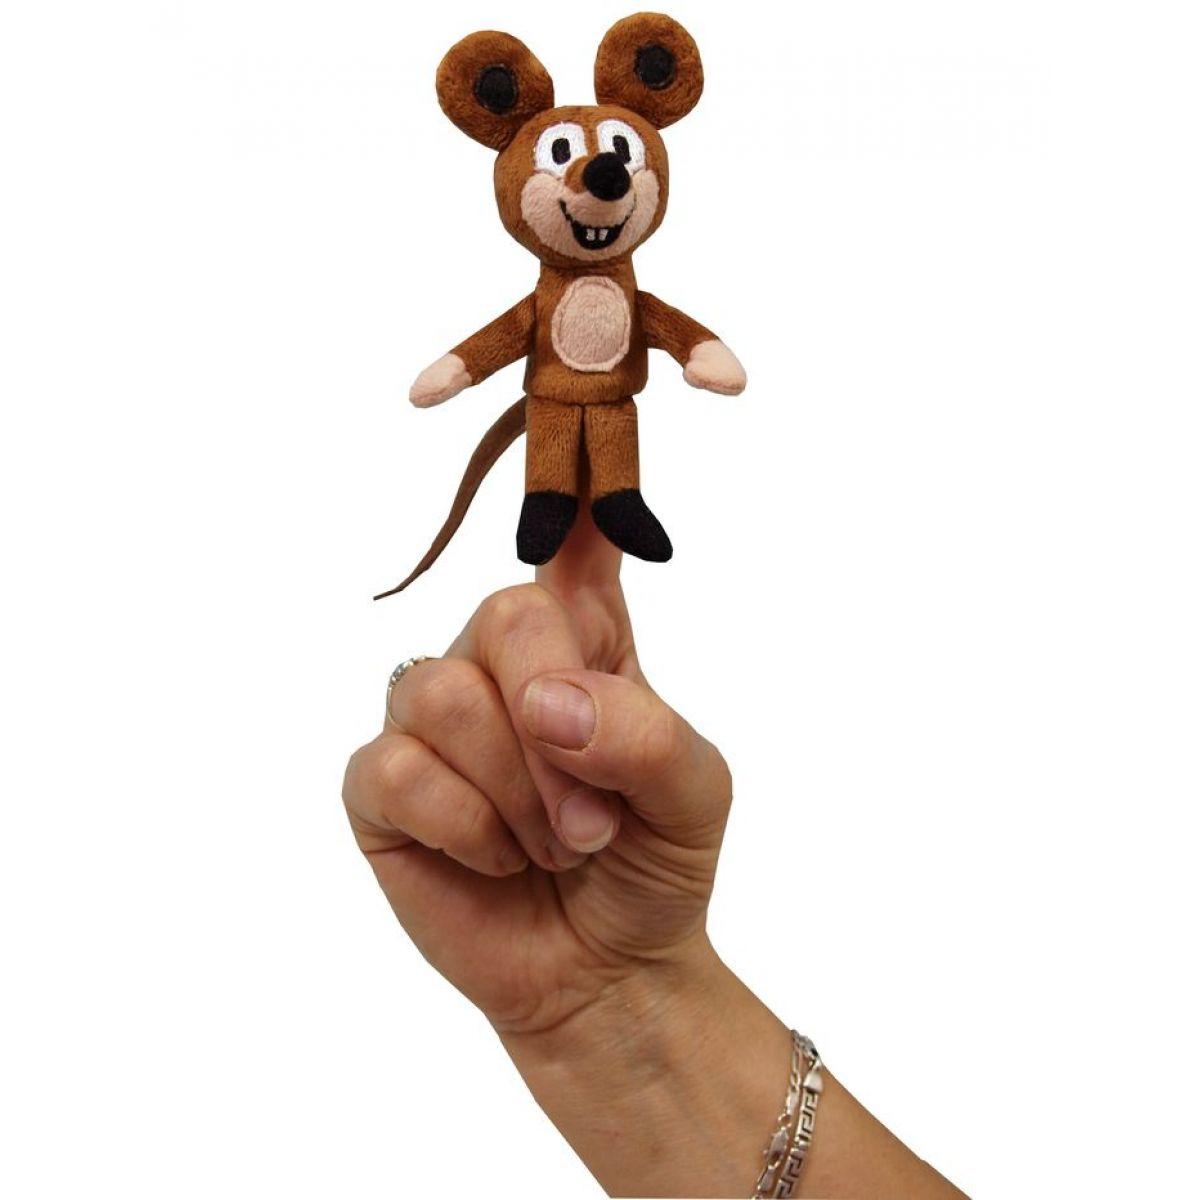 MÚ Brno Myška 8cm prstový maňásek